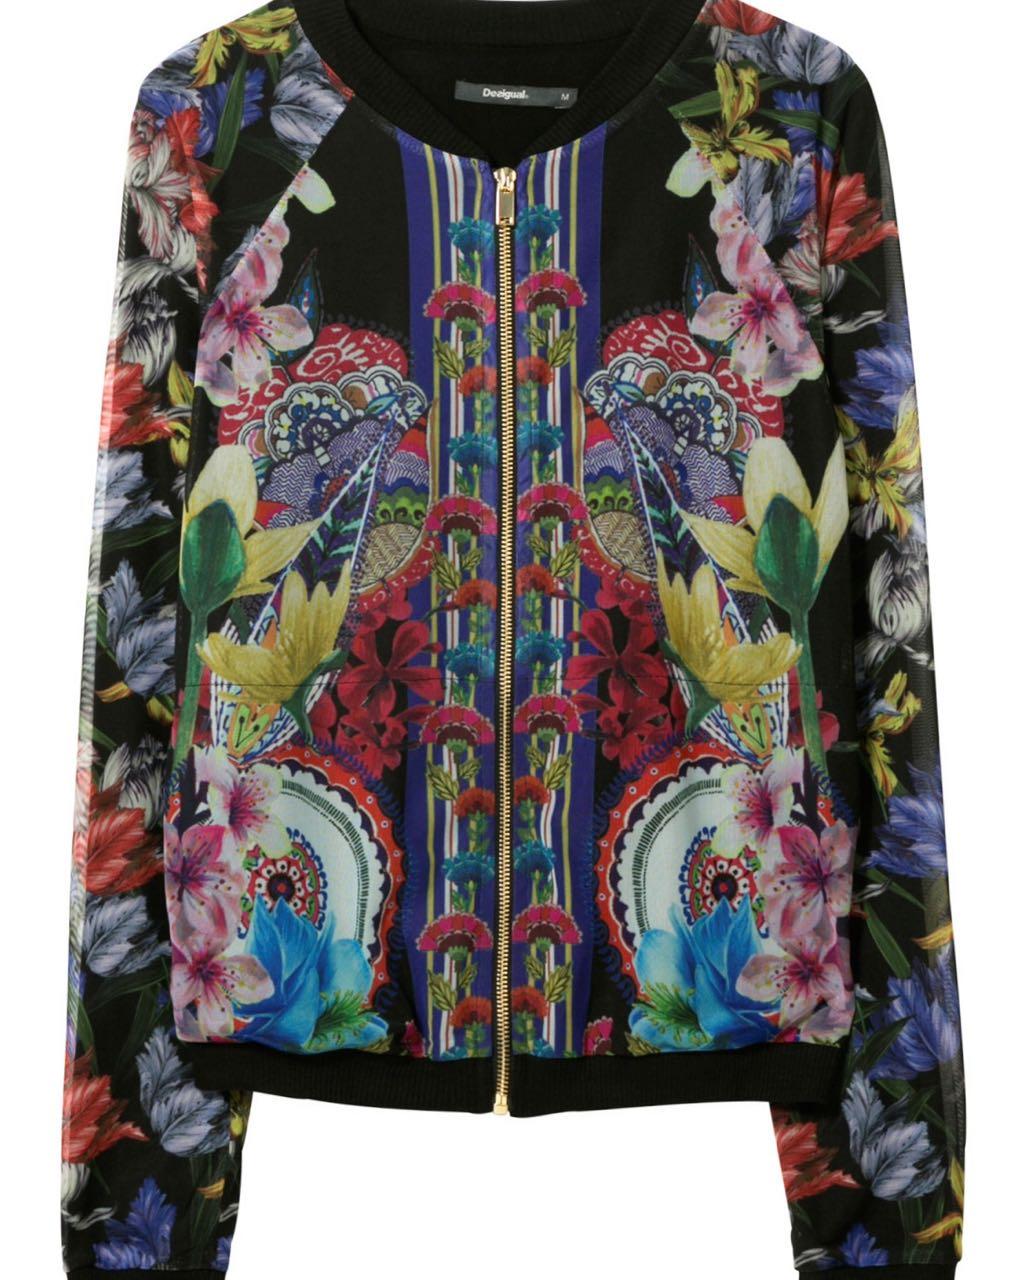 Desigual Light Floral Jacket